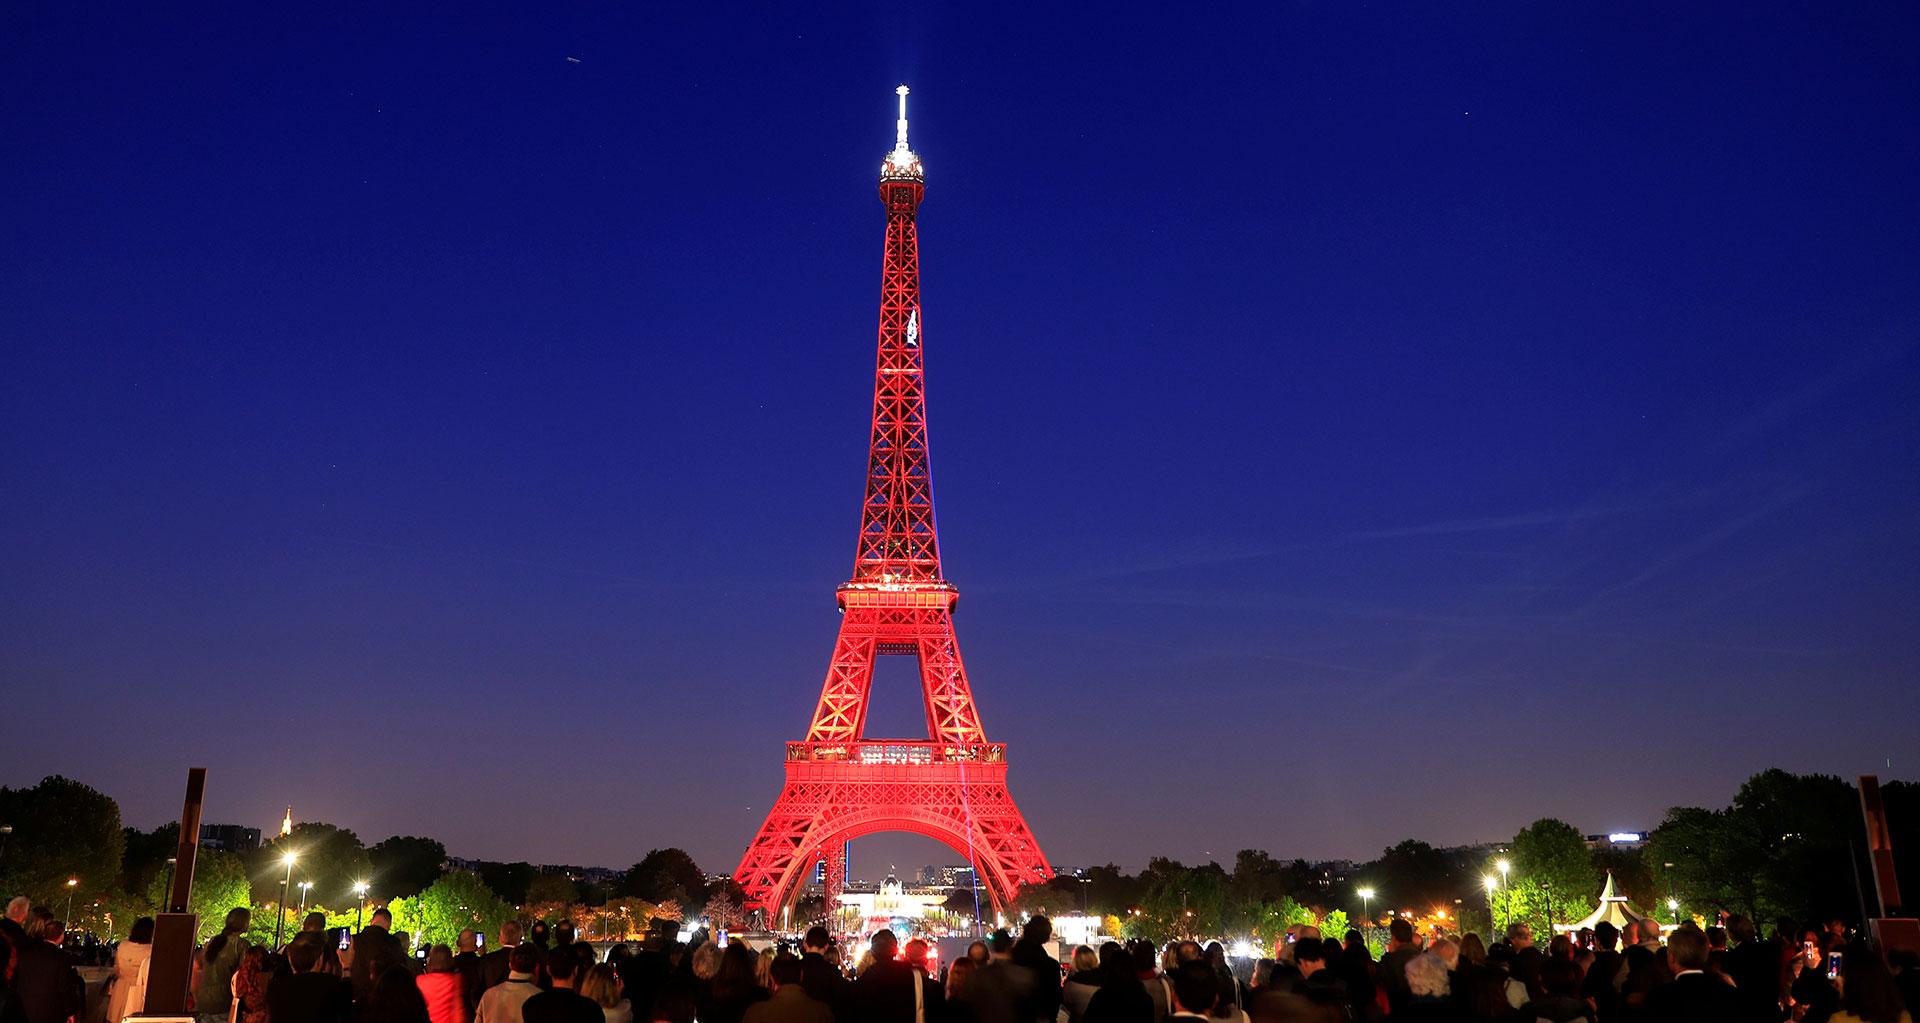 La Torre Eiffel es una visita obligatoria cuando se pasa por la capital francesa